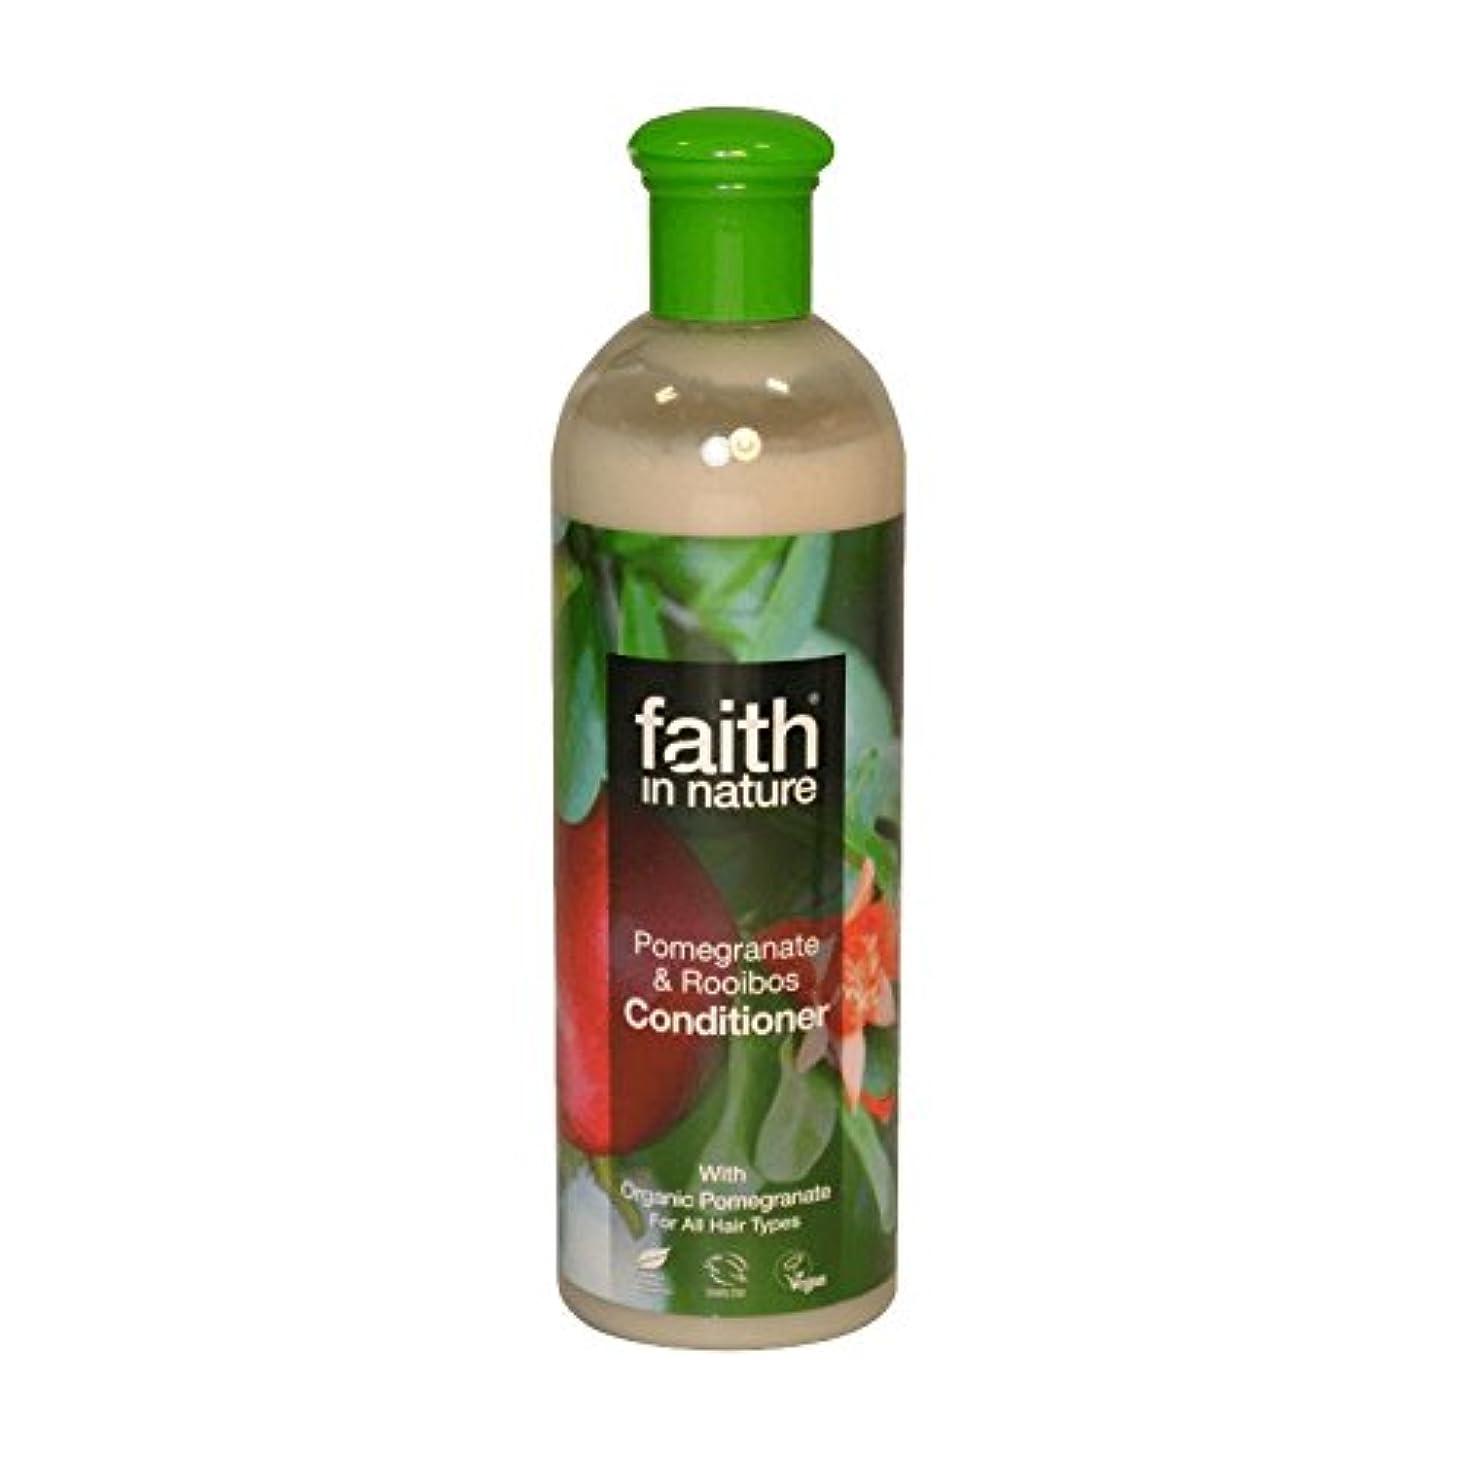 あいまいさがんばり続ける地域の自然ザクロ&Roobiosコンディショナー400ミリリットルの信仰 - Faith in Nature Pomegranate & Roobios Conditioner 400ml (Faith in Nature)...